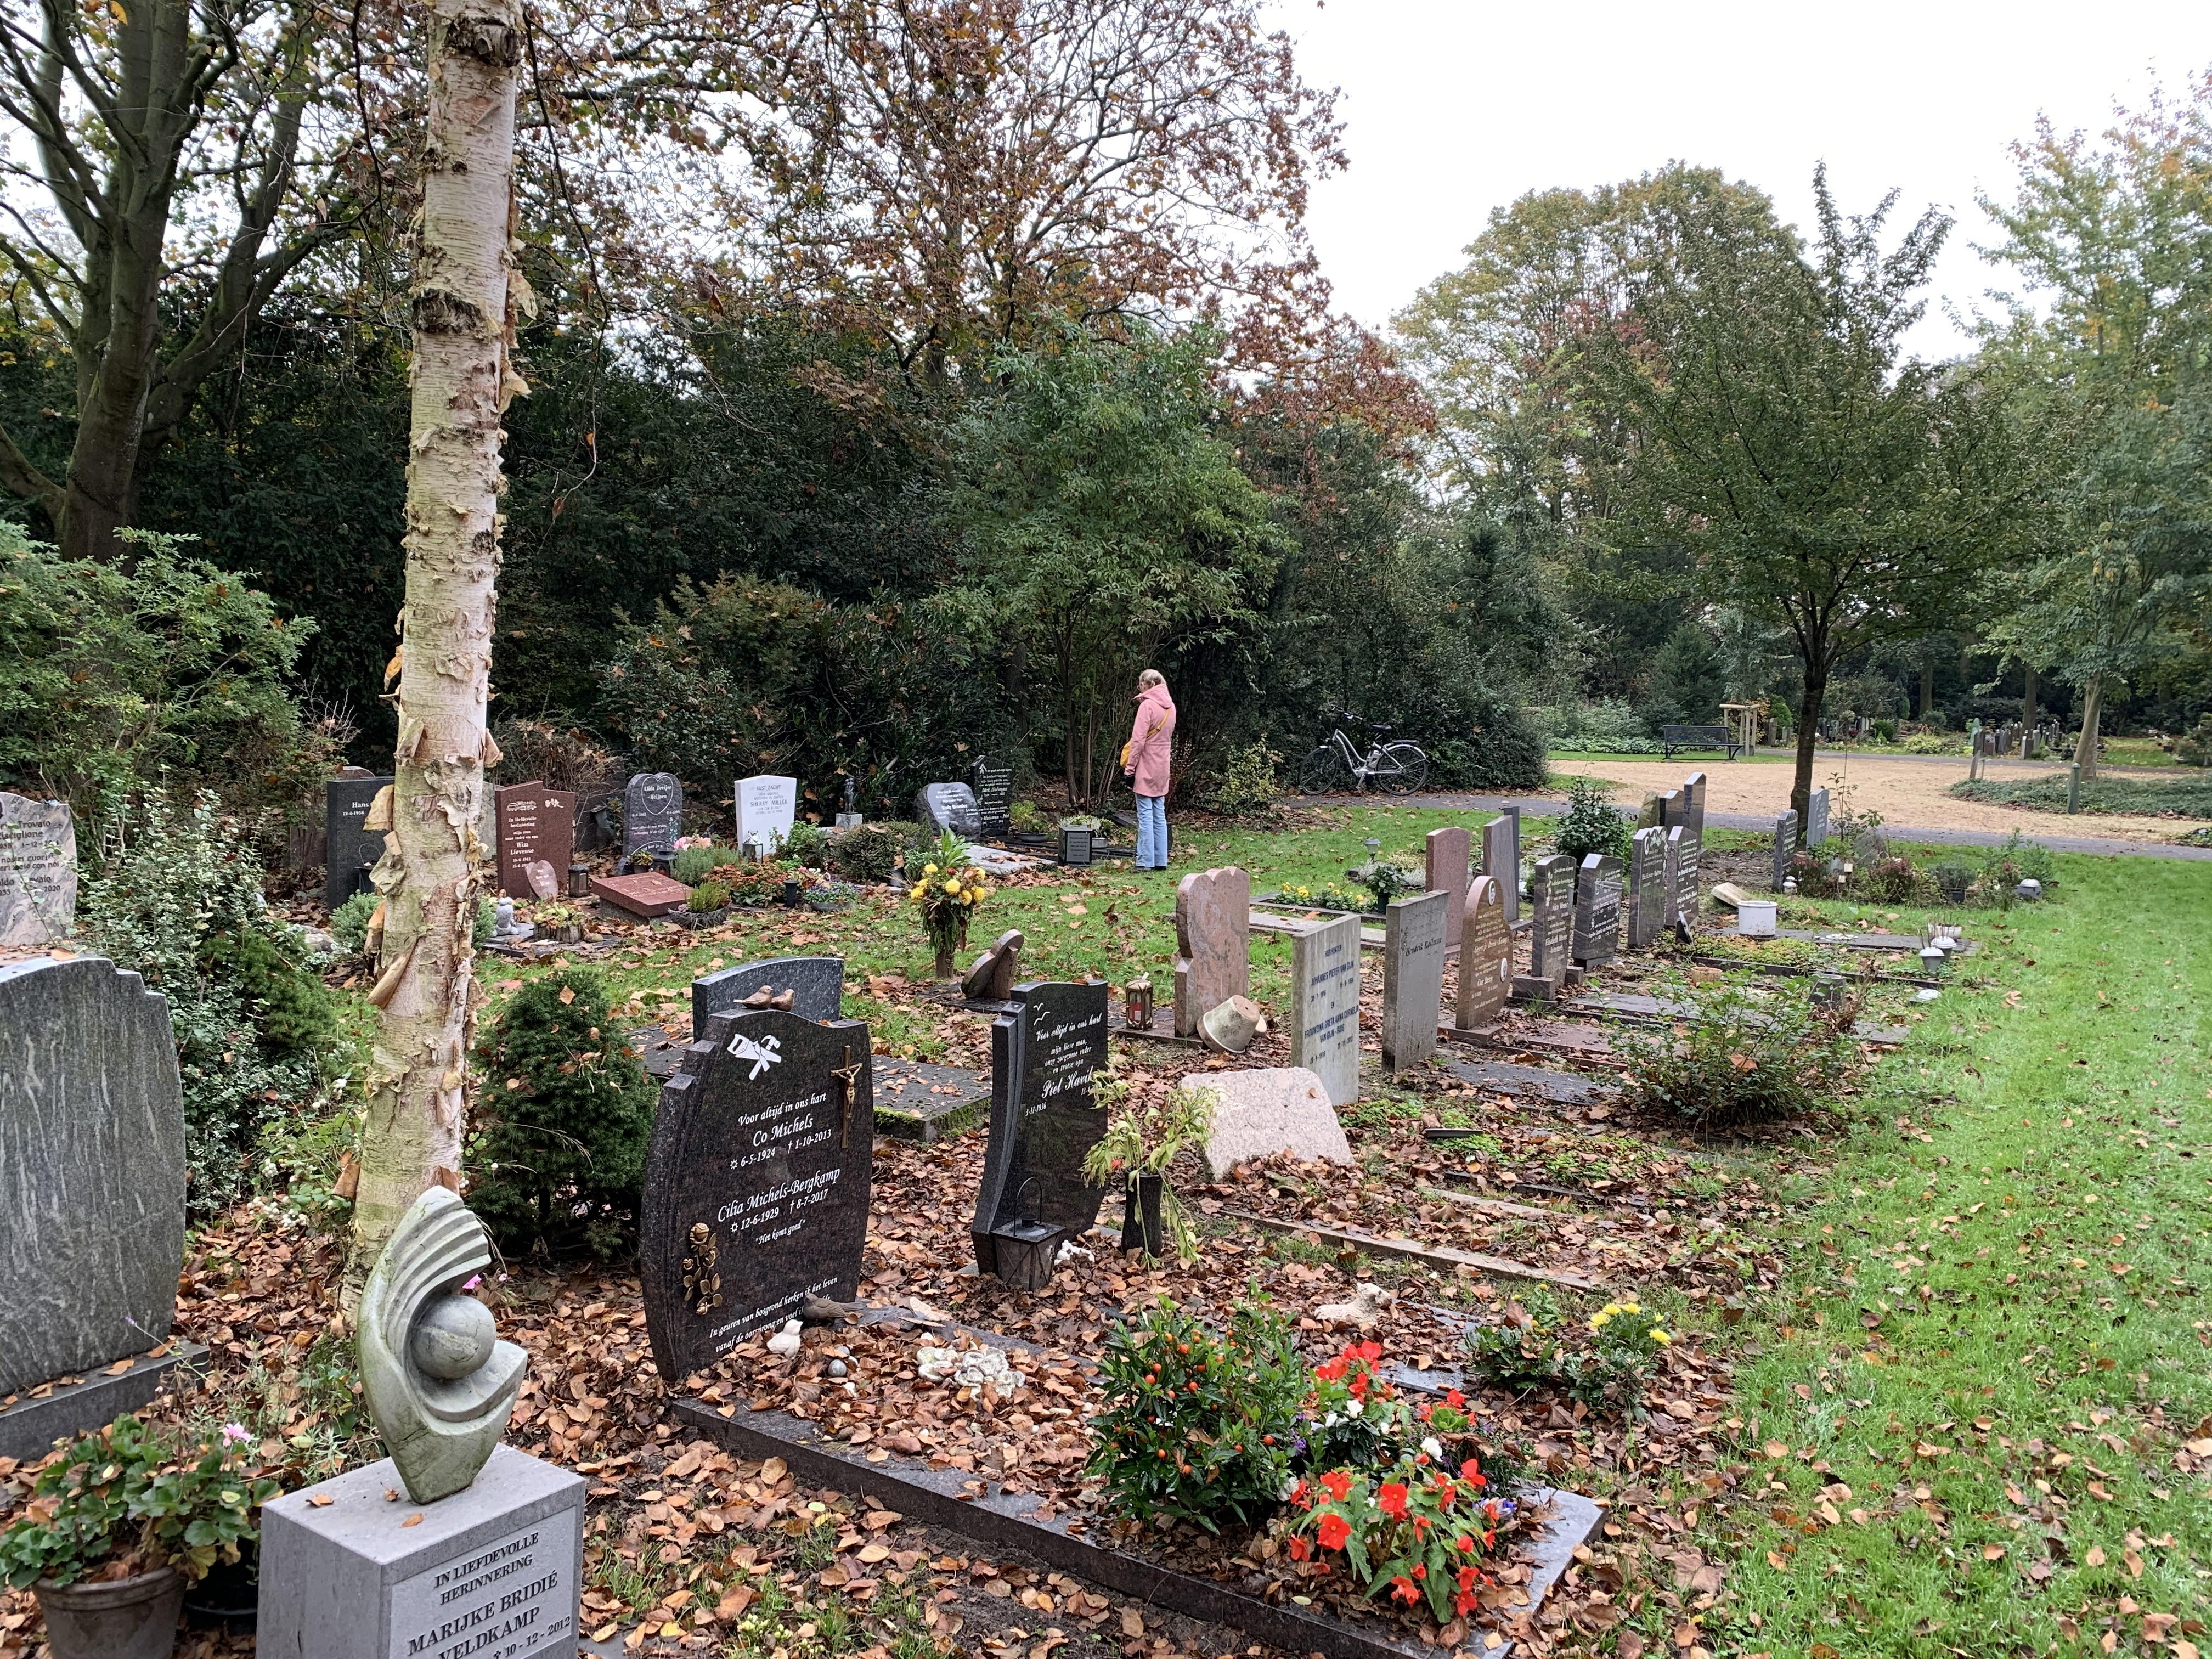 Dood zijn kost geld: grafkosten in Purmerend volgend jaar fors duurder